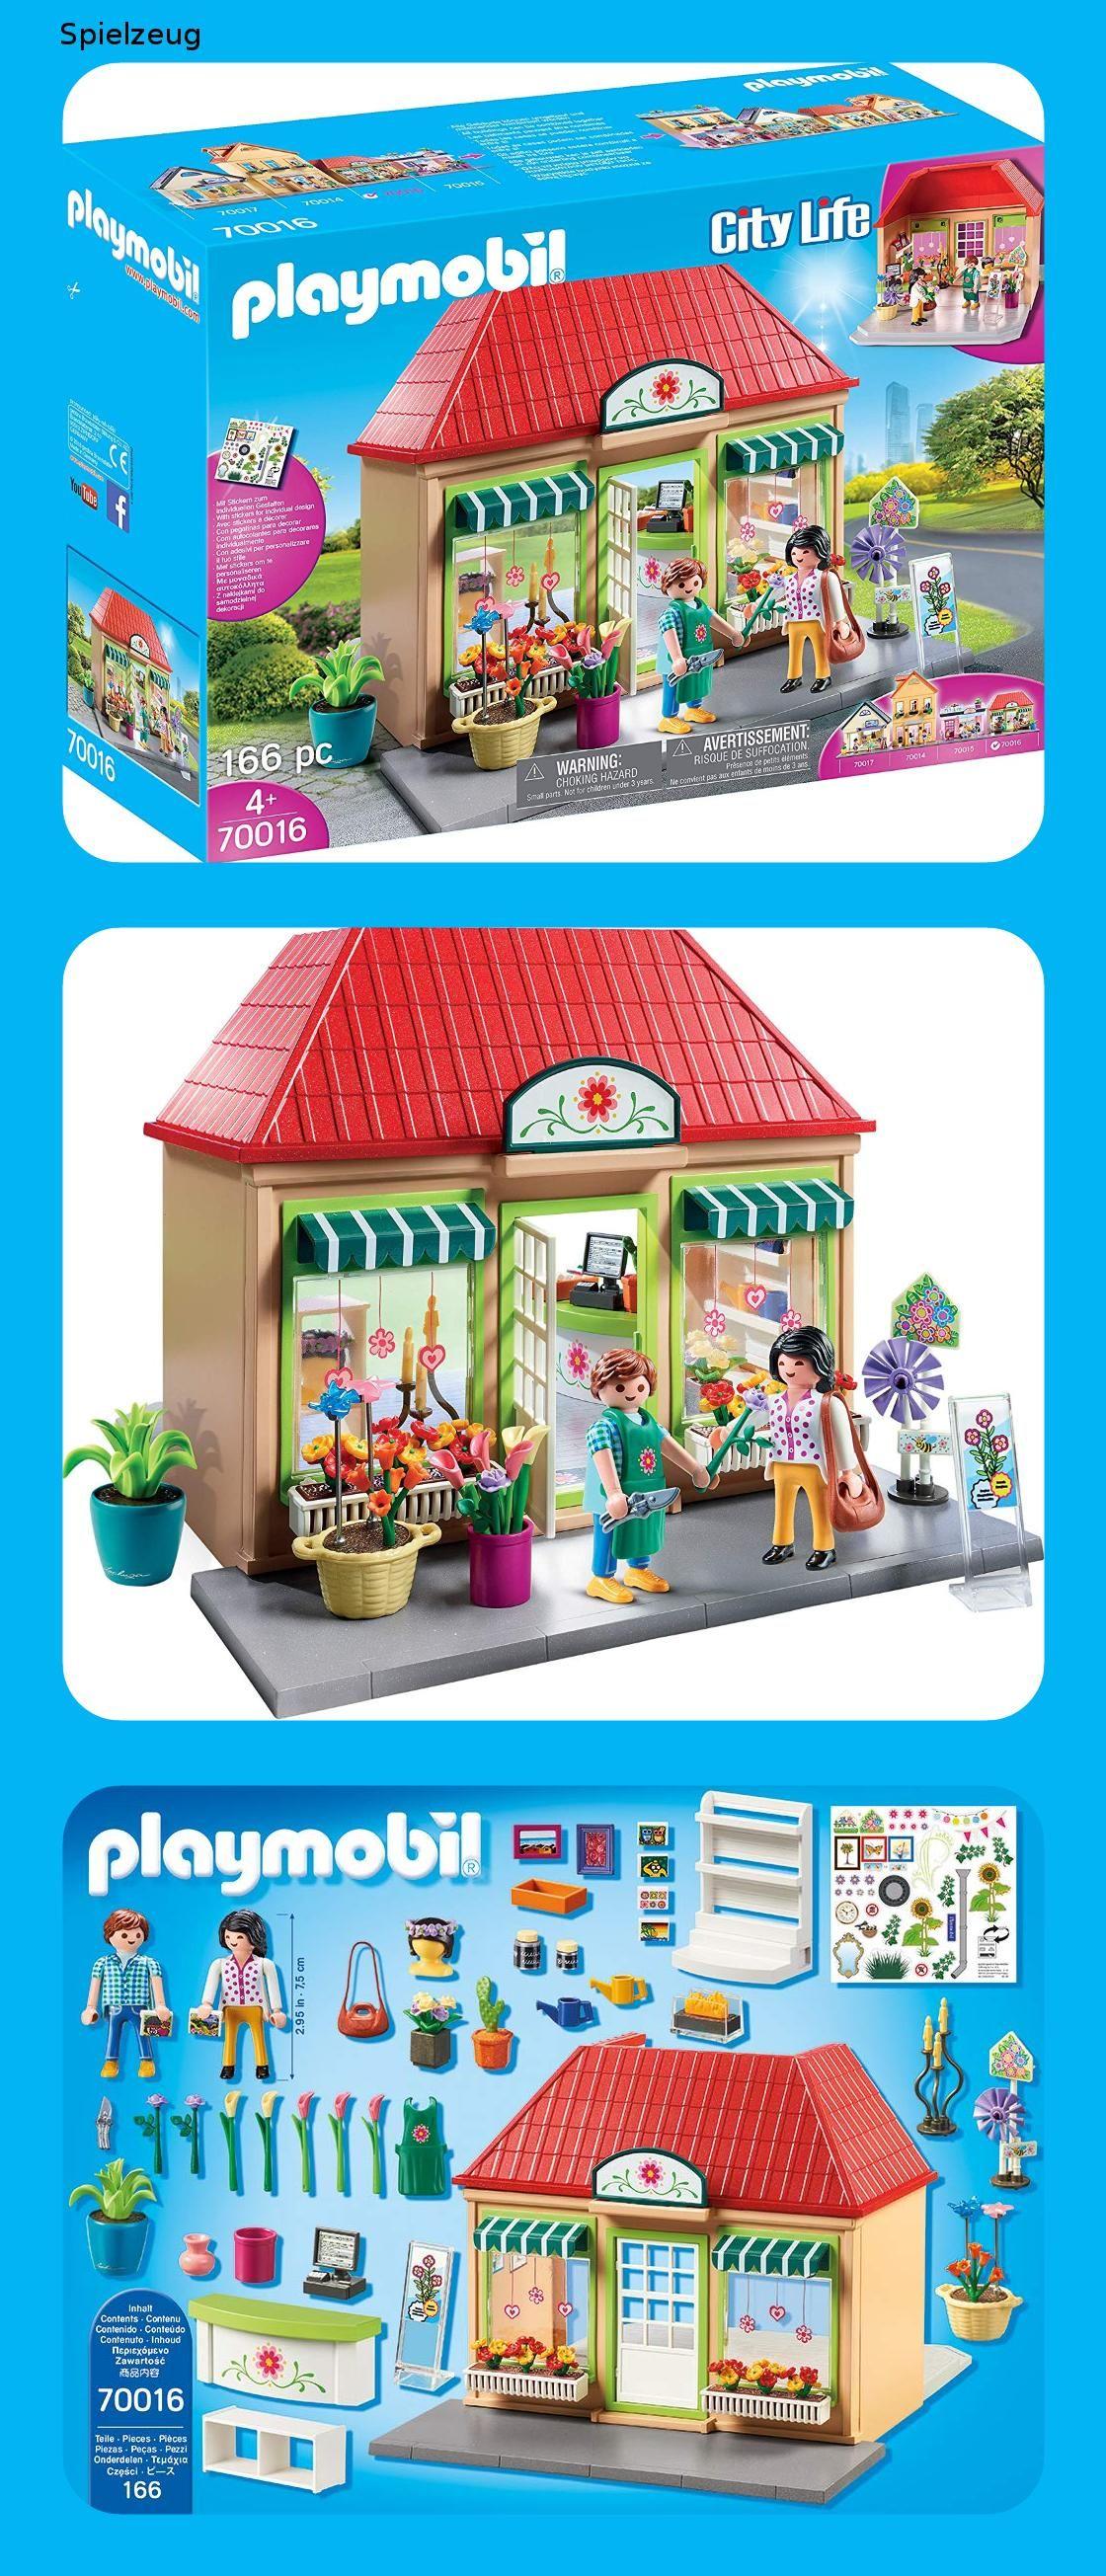 34 Billiger Von 24 15 Auf 15 75 Playmobil City Life 70016 Mein Blumenladen Ab 4 Jahren In 2020 Blumenladen Playmobil Blumen